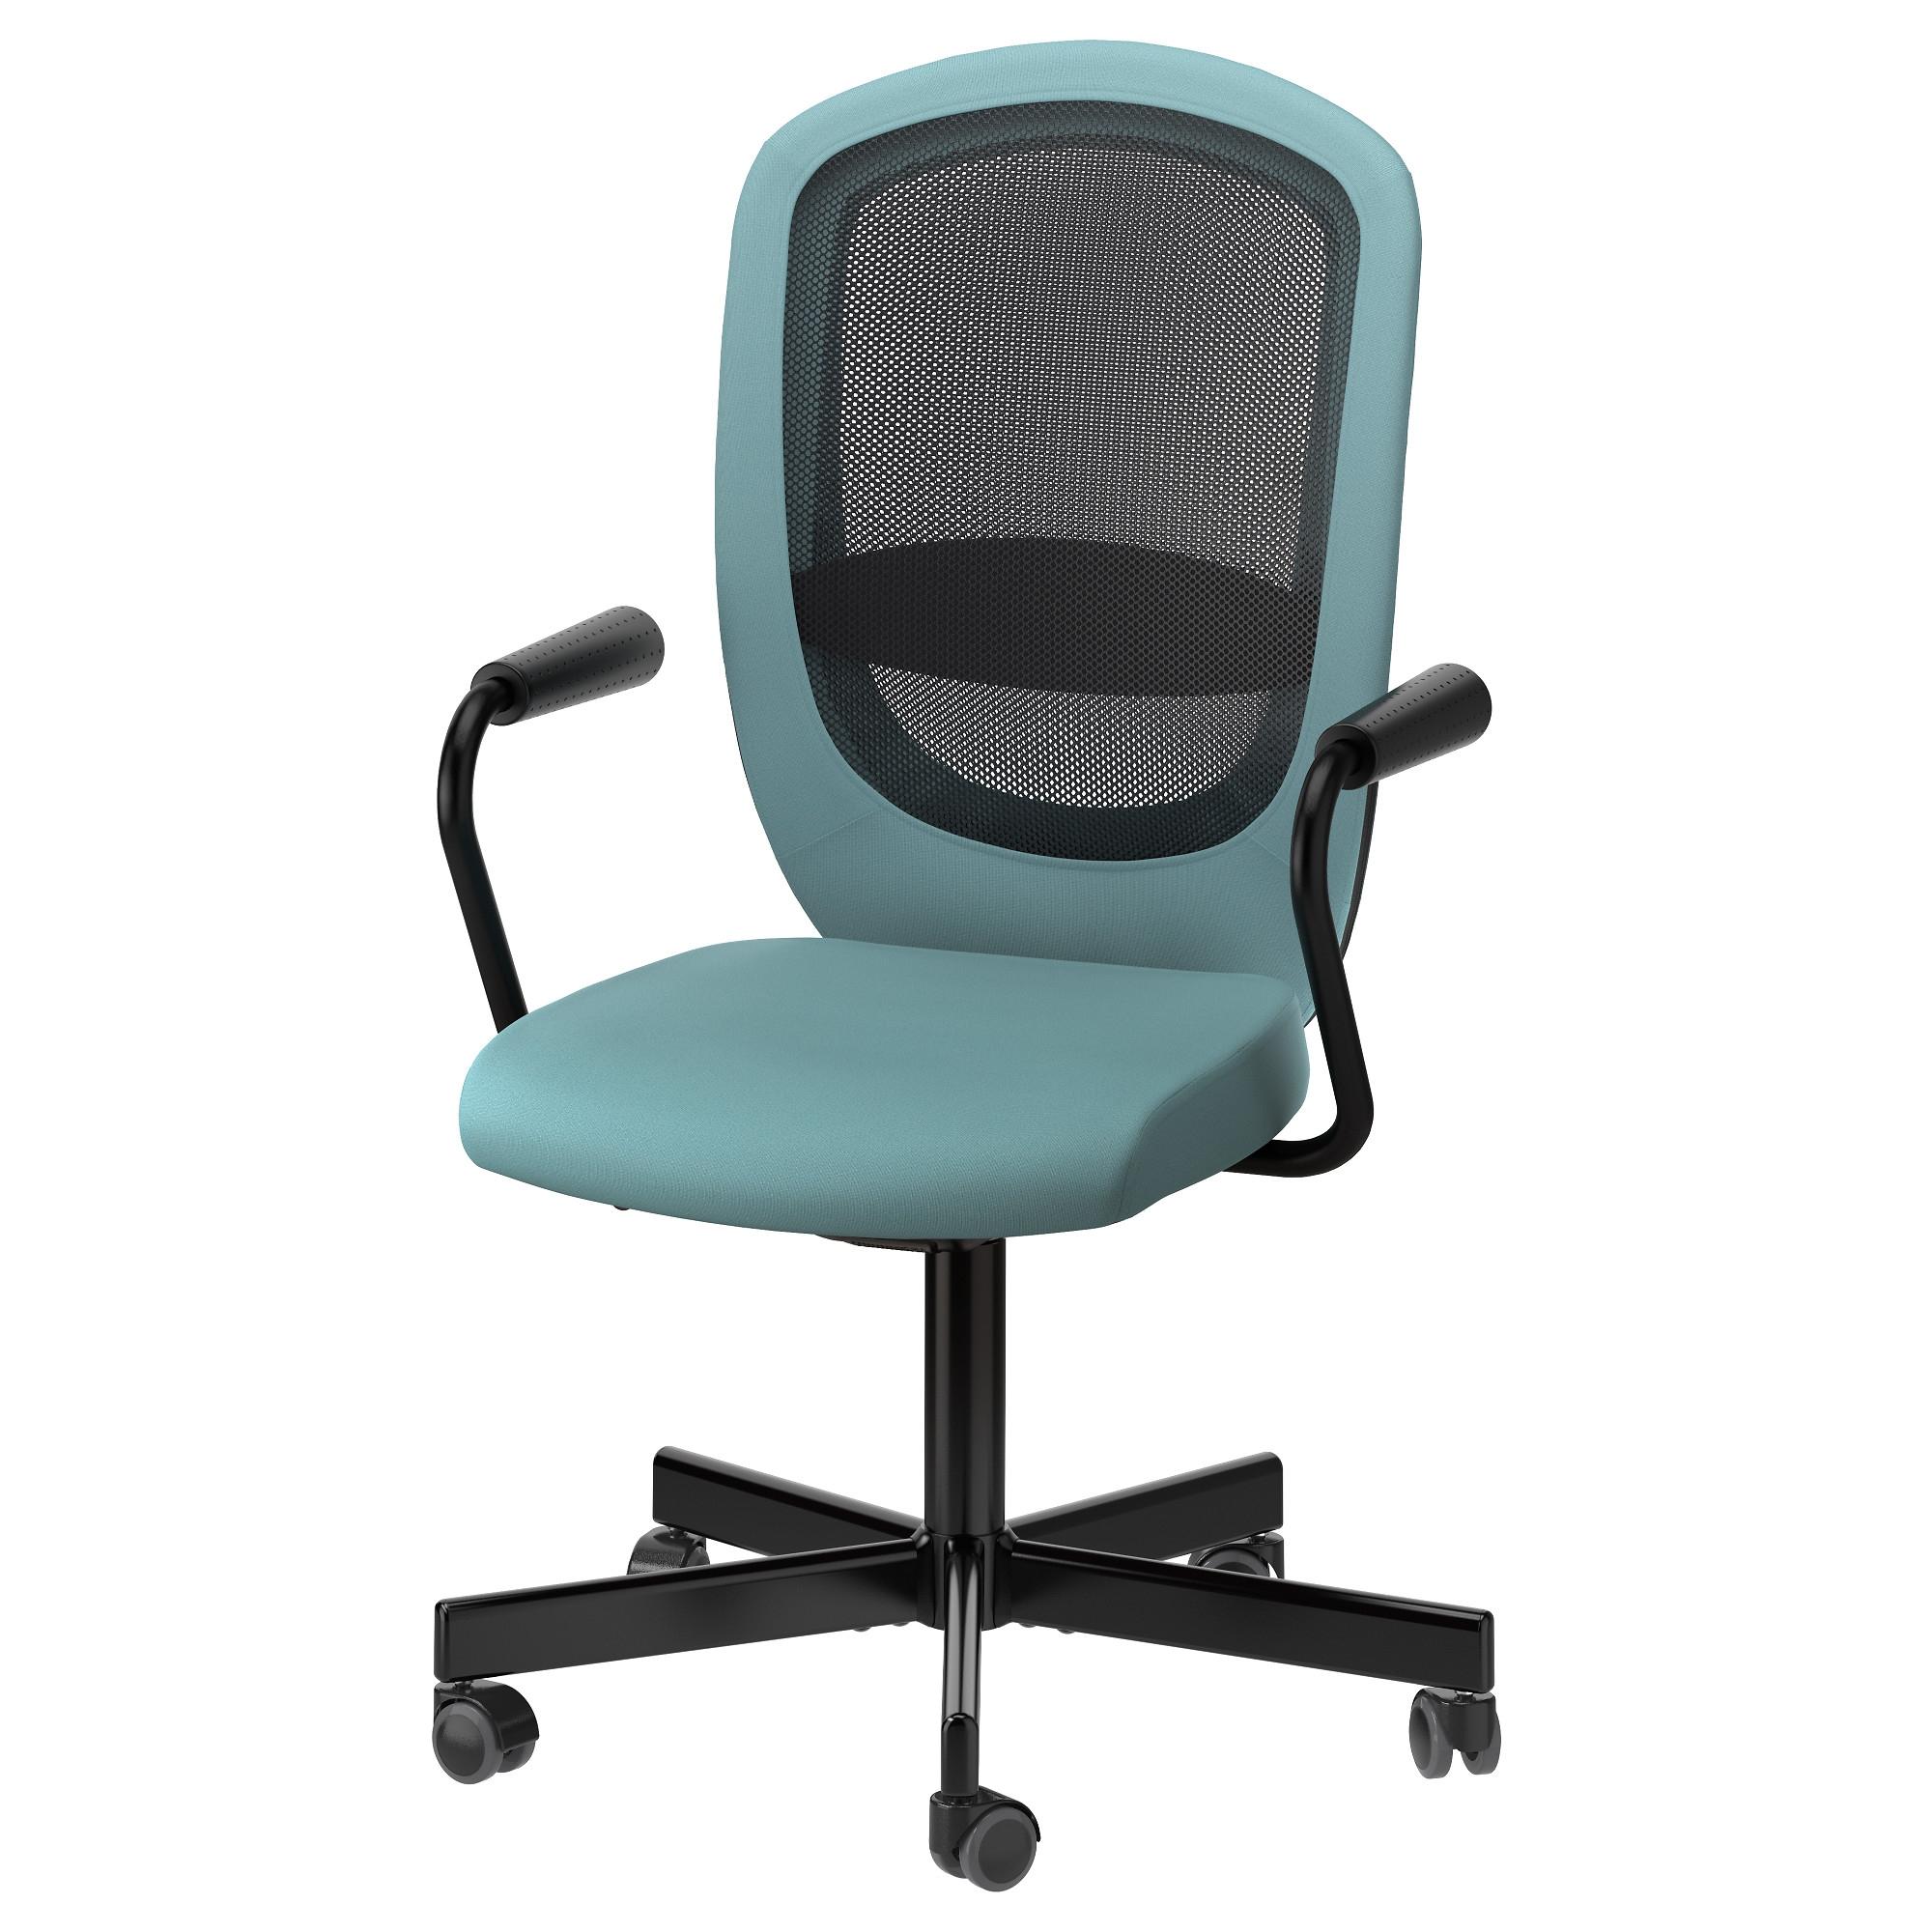 Flintan silla giratoria con reposabrazos for Oficina de empleo ibiza